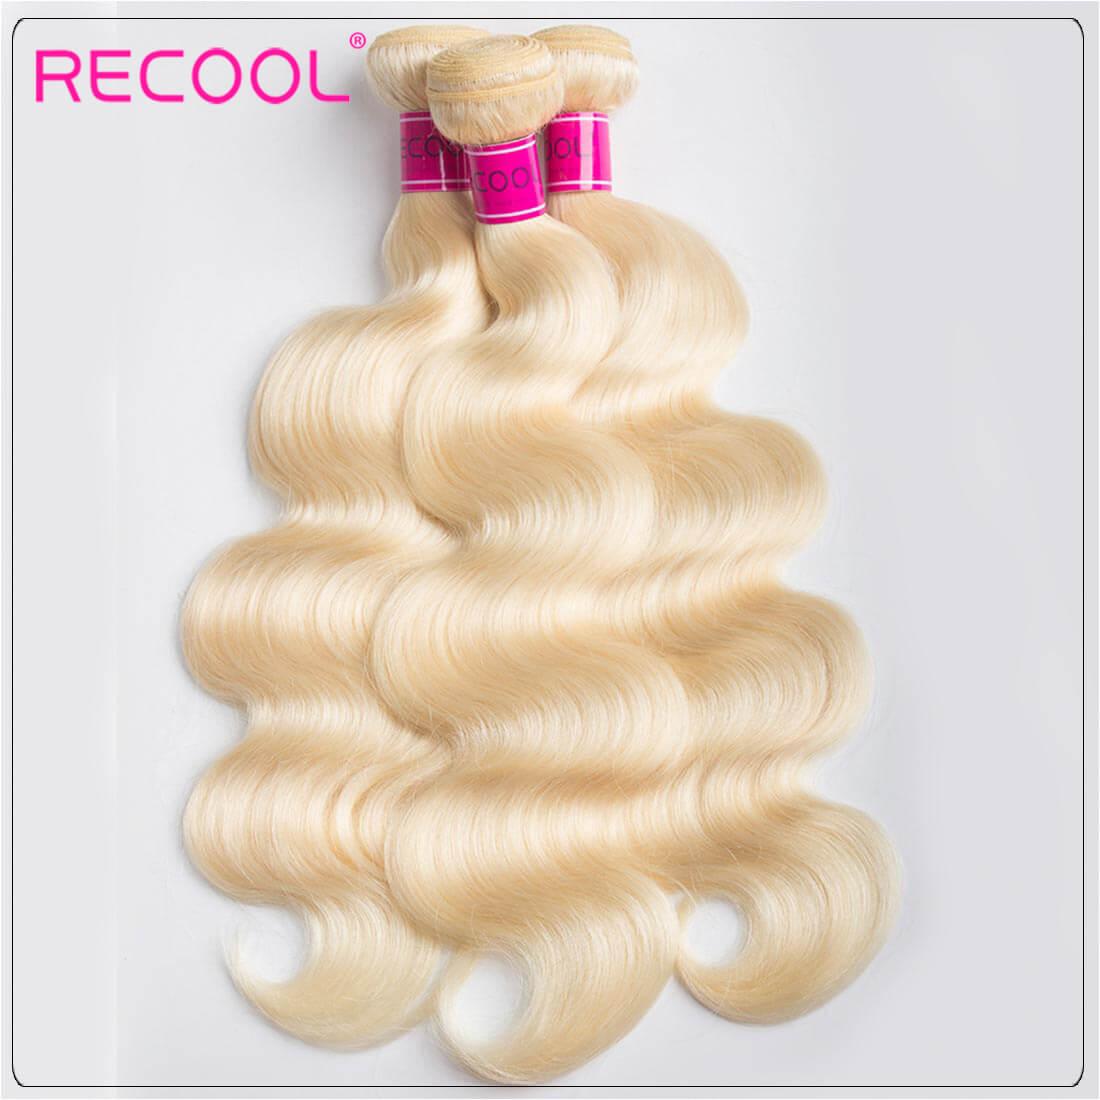 Blonde Hair Bundles 613 Virgin Hair Body Wave, 100% Virgin Blonde Human Hair Weave Body Wave Bundles